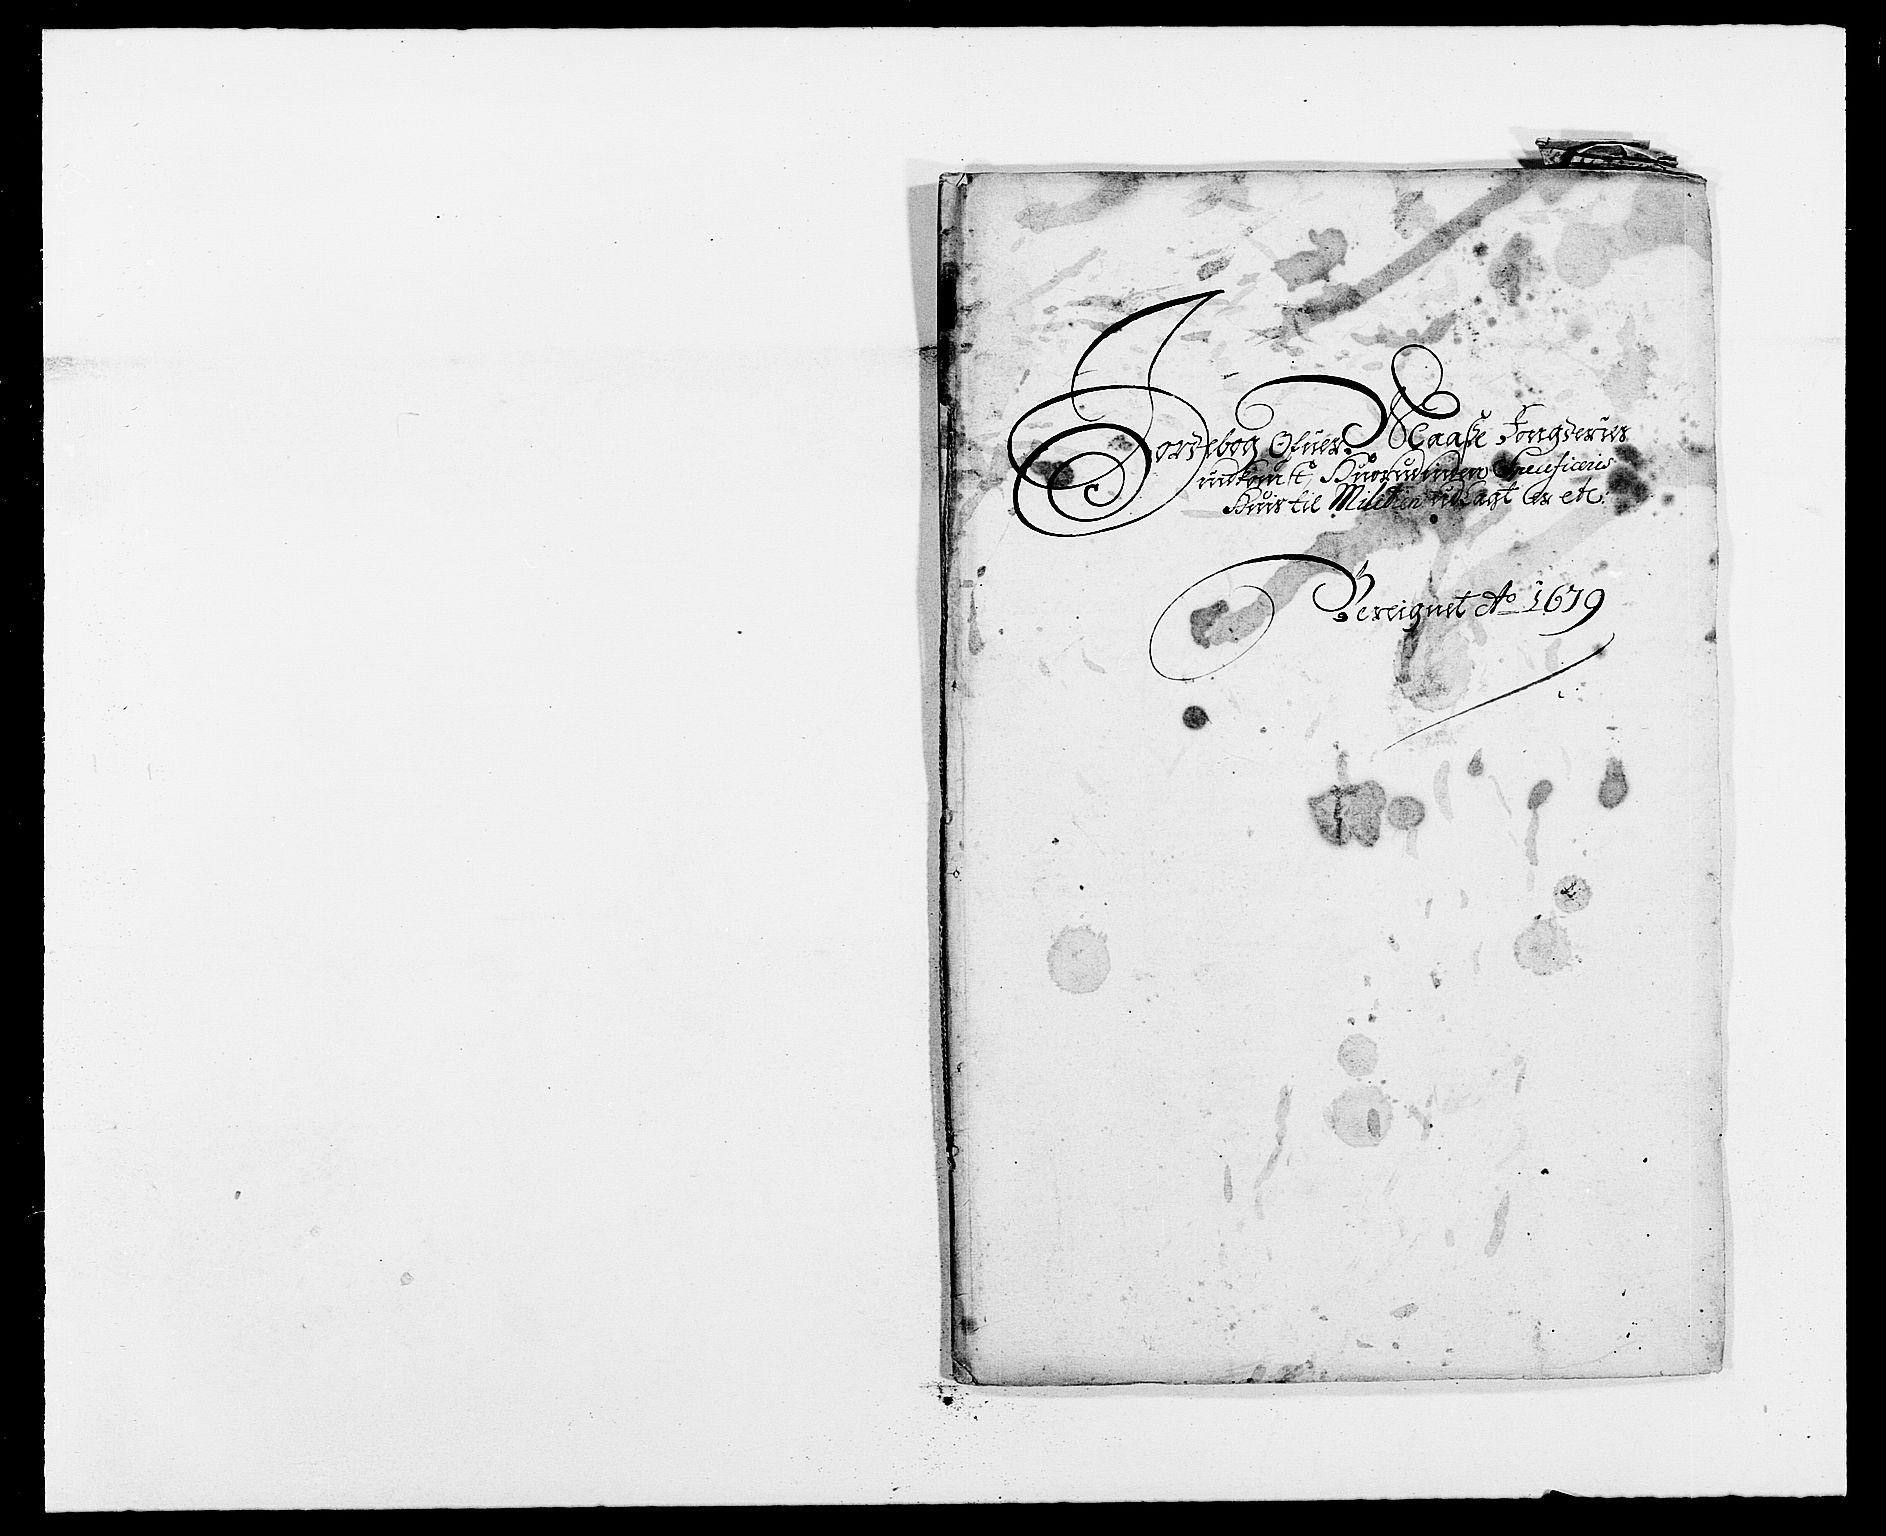 RA, Rentekammeret inntil 1814, Reviderte regnskaper, Fogderegnskap, R02/L0100: Fogderegnskap Moss og Verne kloster, 1679, s. 116